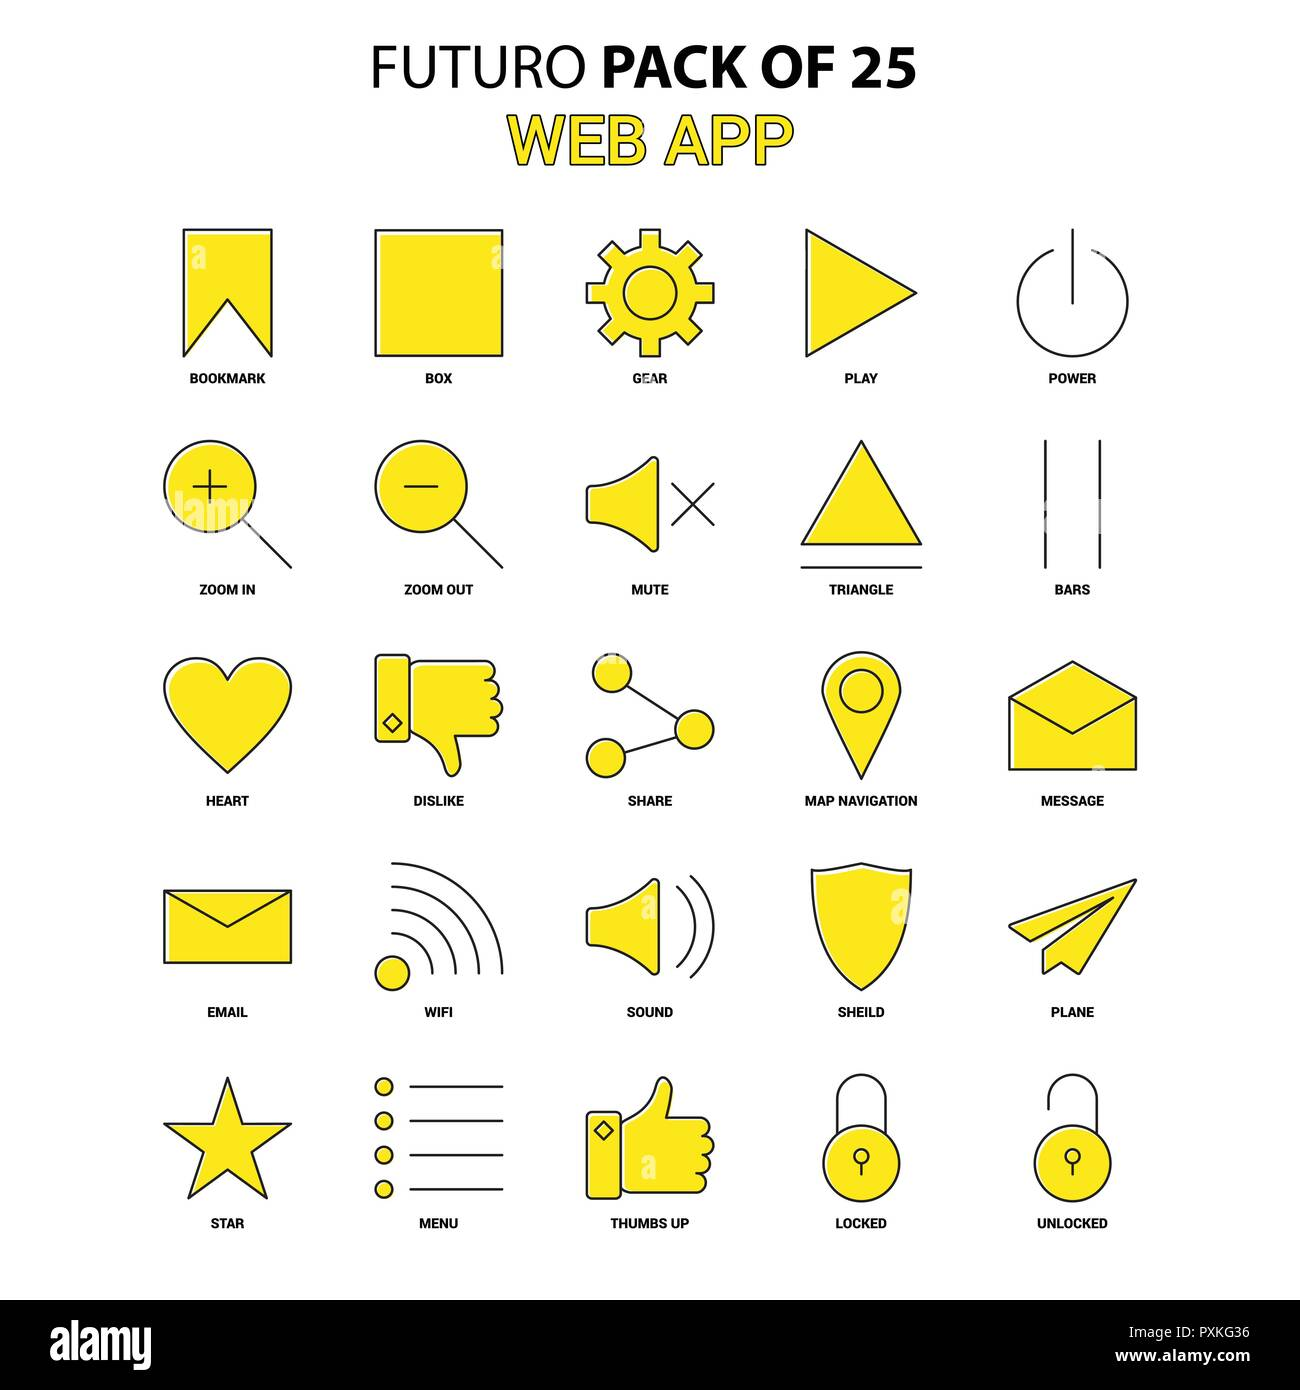 App Di Design web app icon set. yellow futuro latest design icon pack